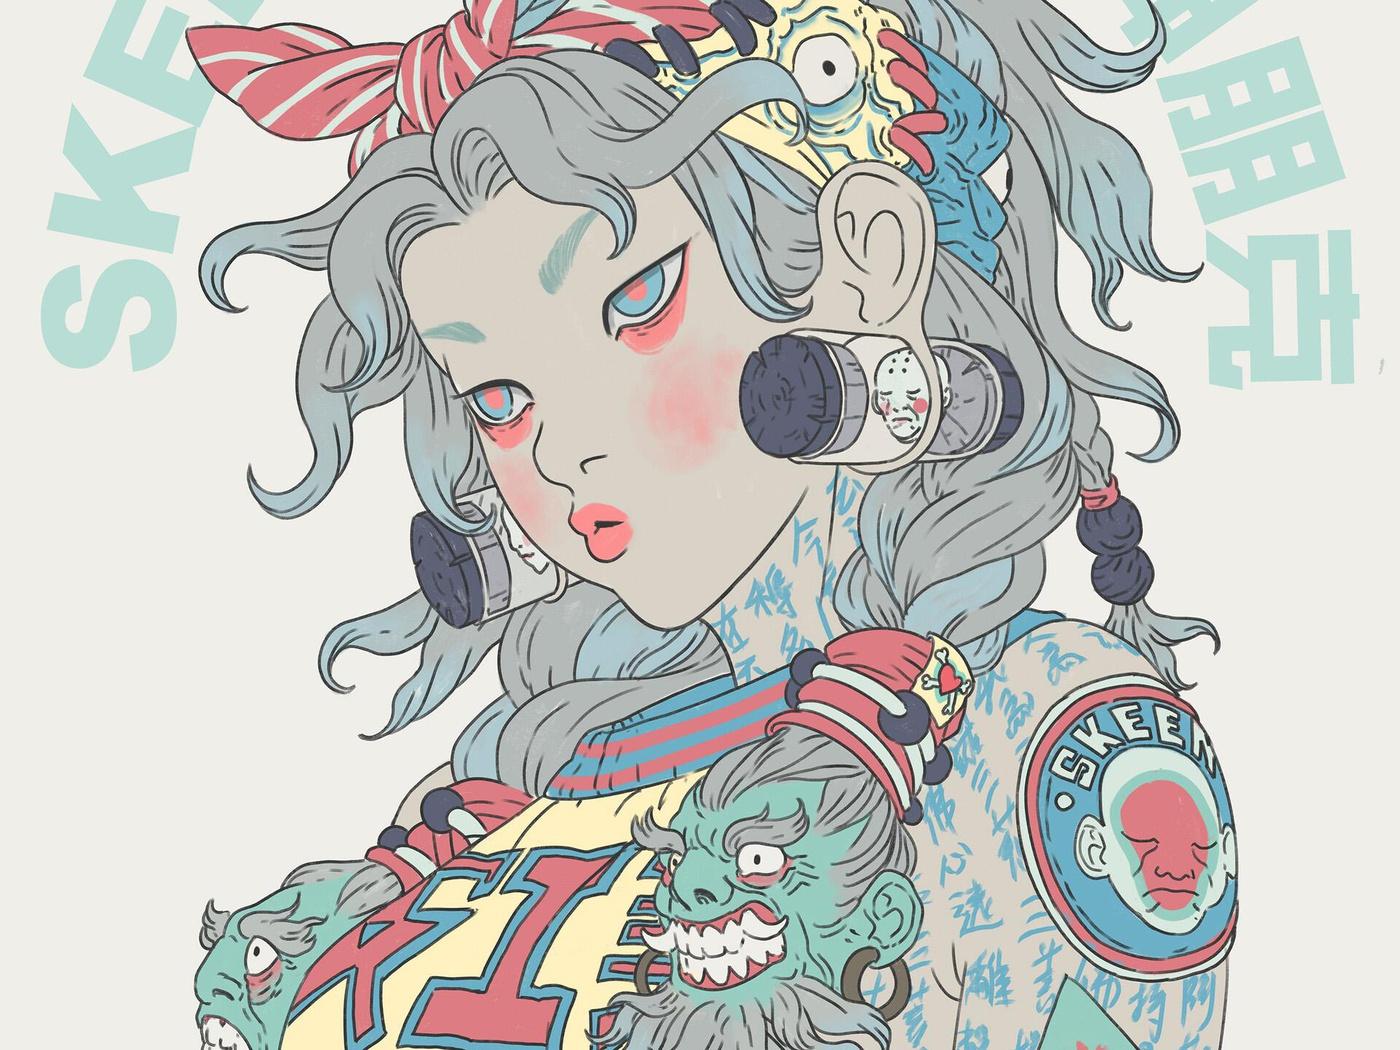 Asian female character design illustration